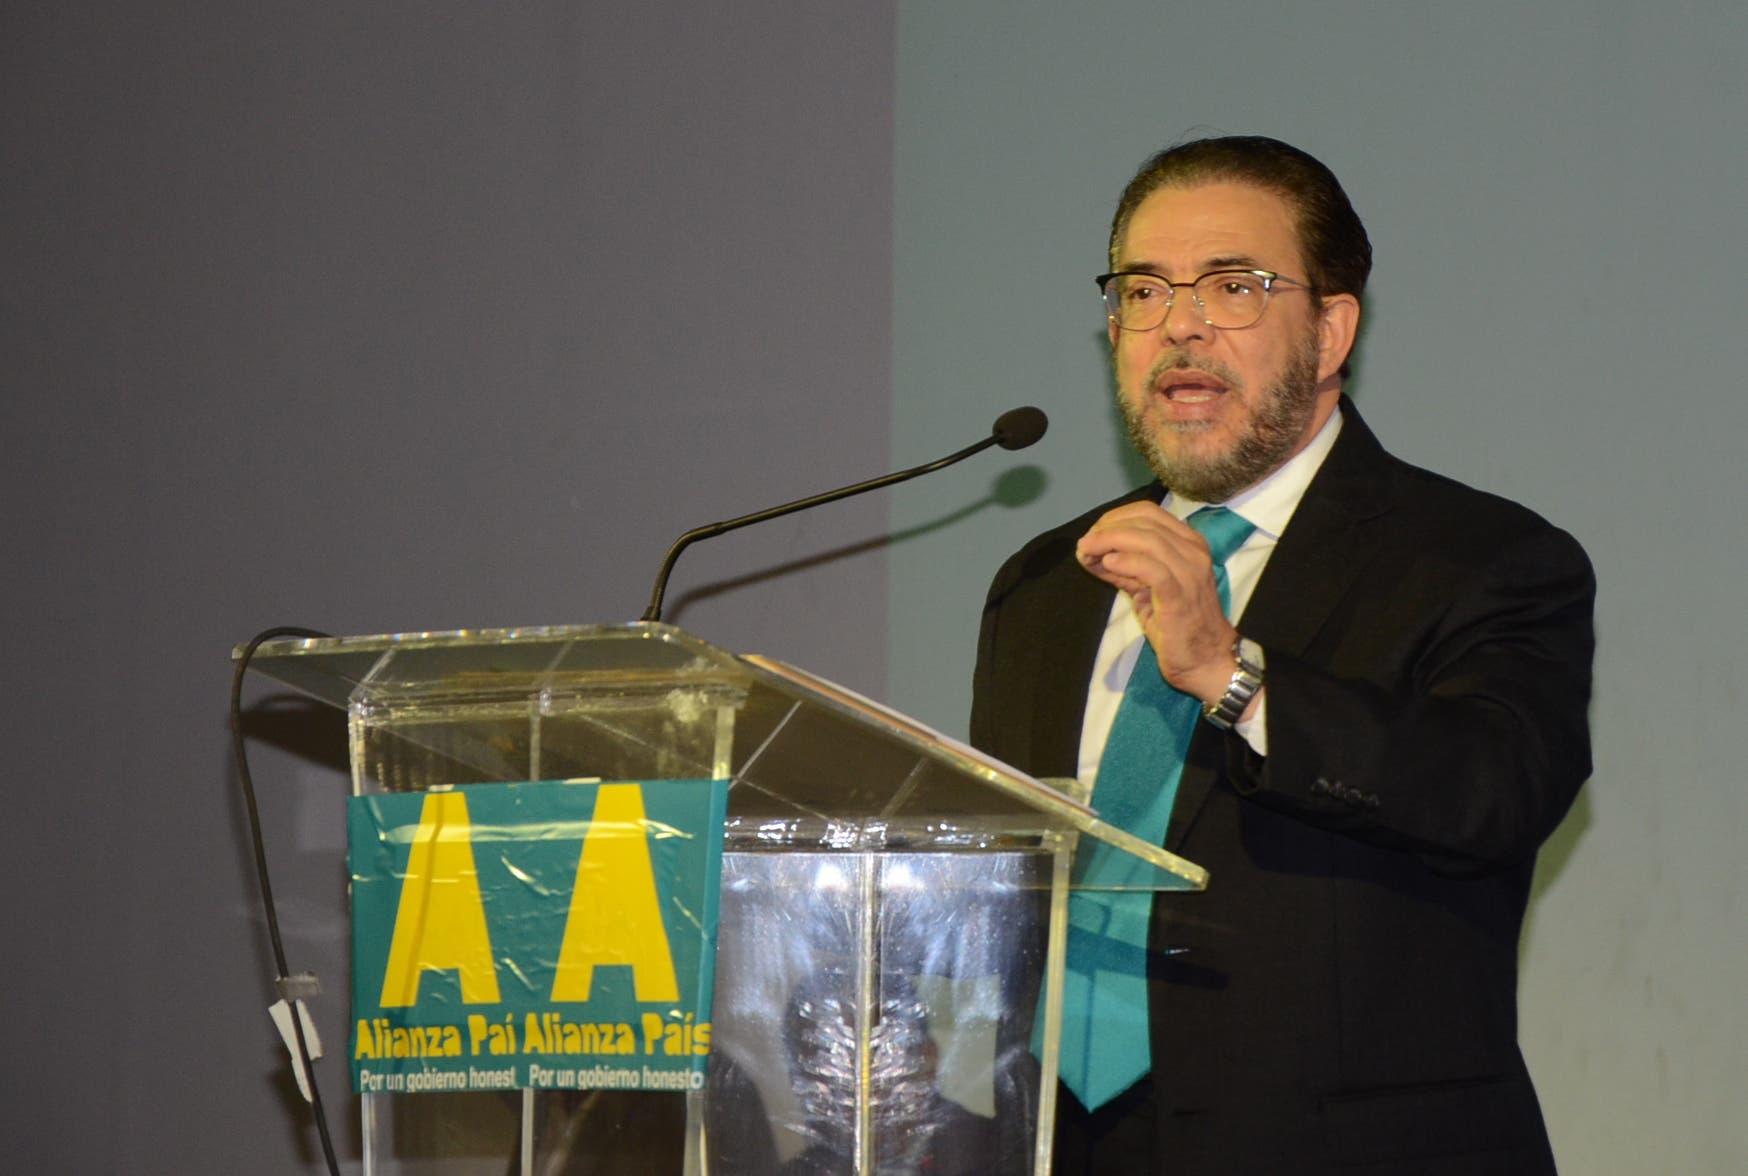 Alianza País (ALPAIS) Guillermo Moreno y Opción Democrática (OD) Minu Mirabal proclamaron este domingo su fusión, en un acto celebrado en el hotel Cataluña/foto José de León